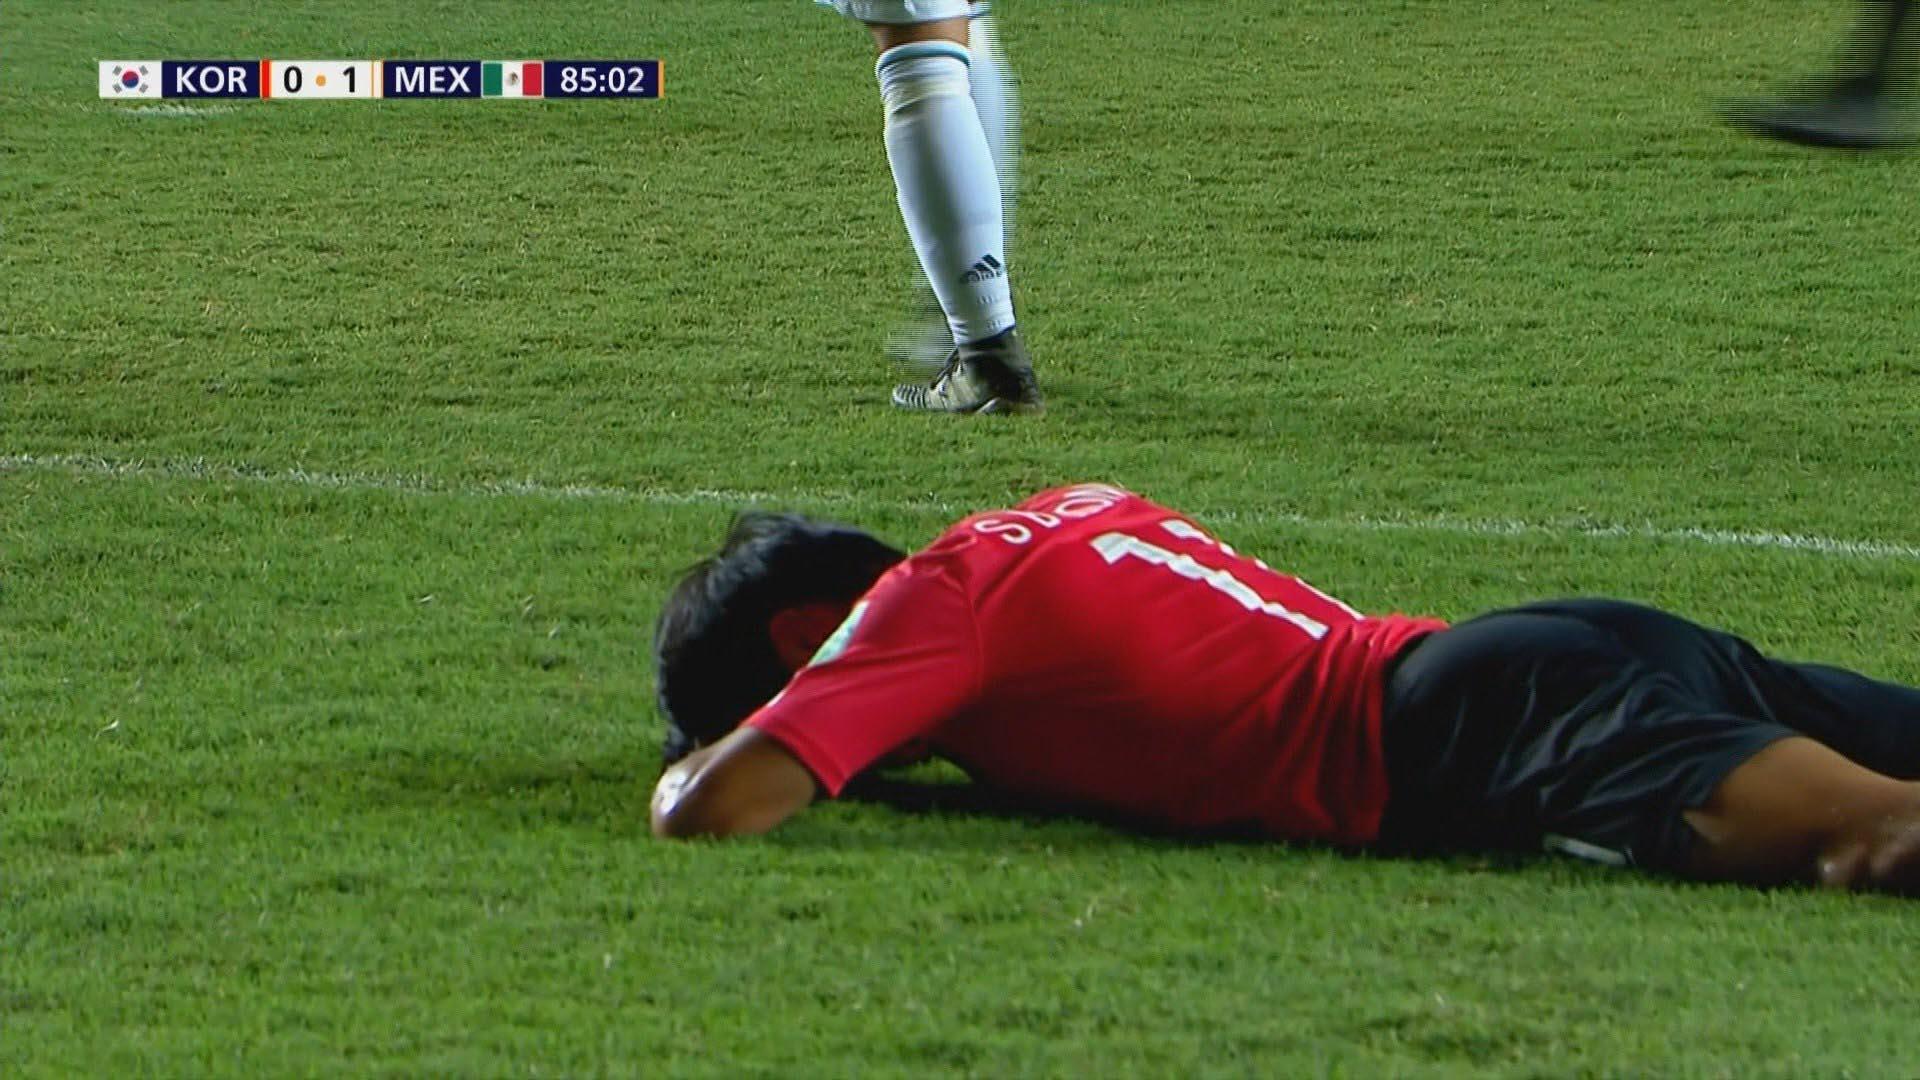 한국 축구, U-17 월드컵 4강 좌절…멕시코에 0-1패